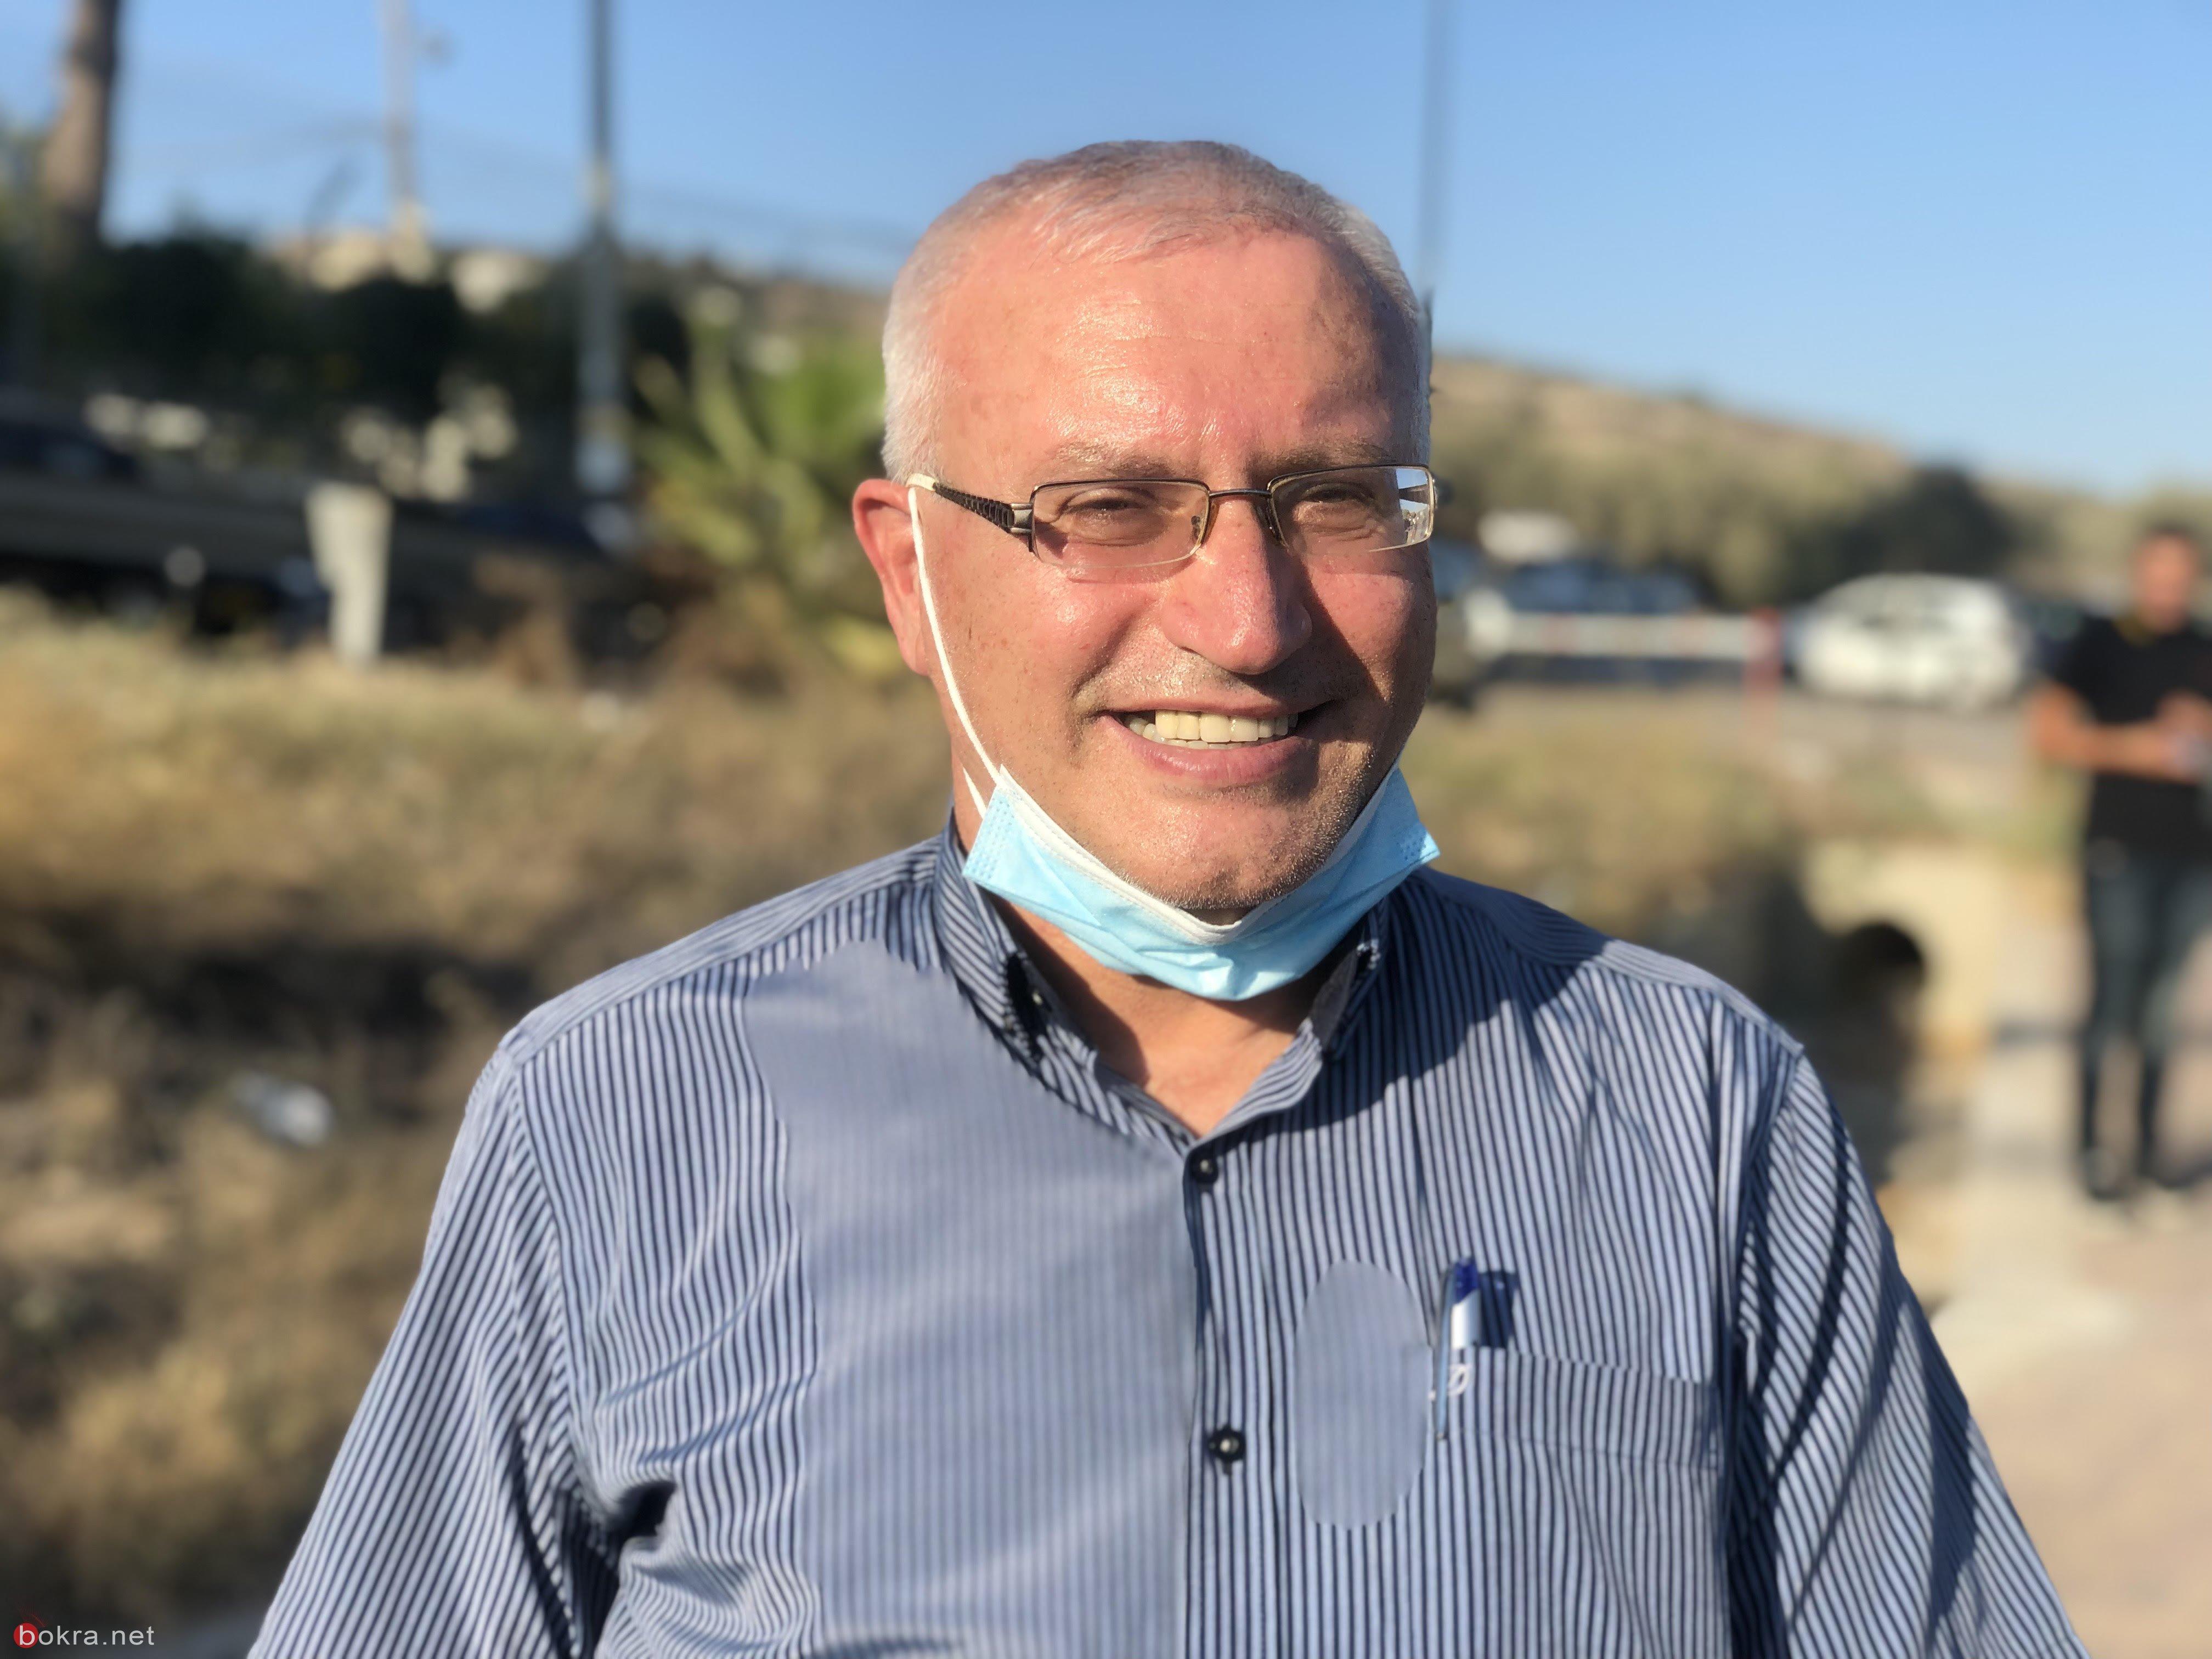 """قياديون """"لبكرا"""" قضايا الجريمة والعنف بالمجتمع العربي تقع على الحكومة والشرطة-2"""